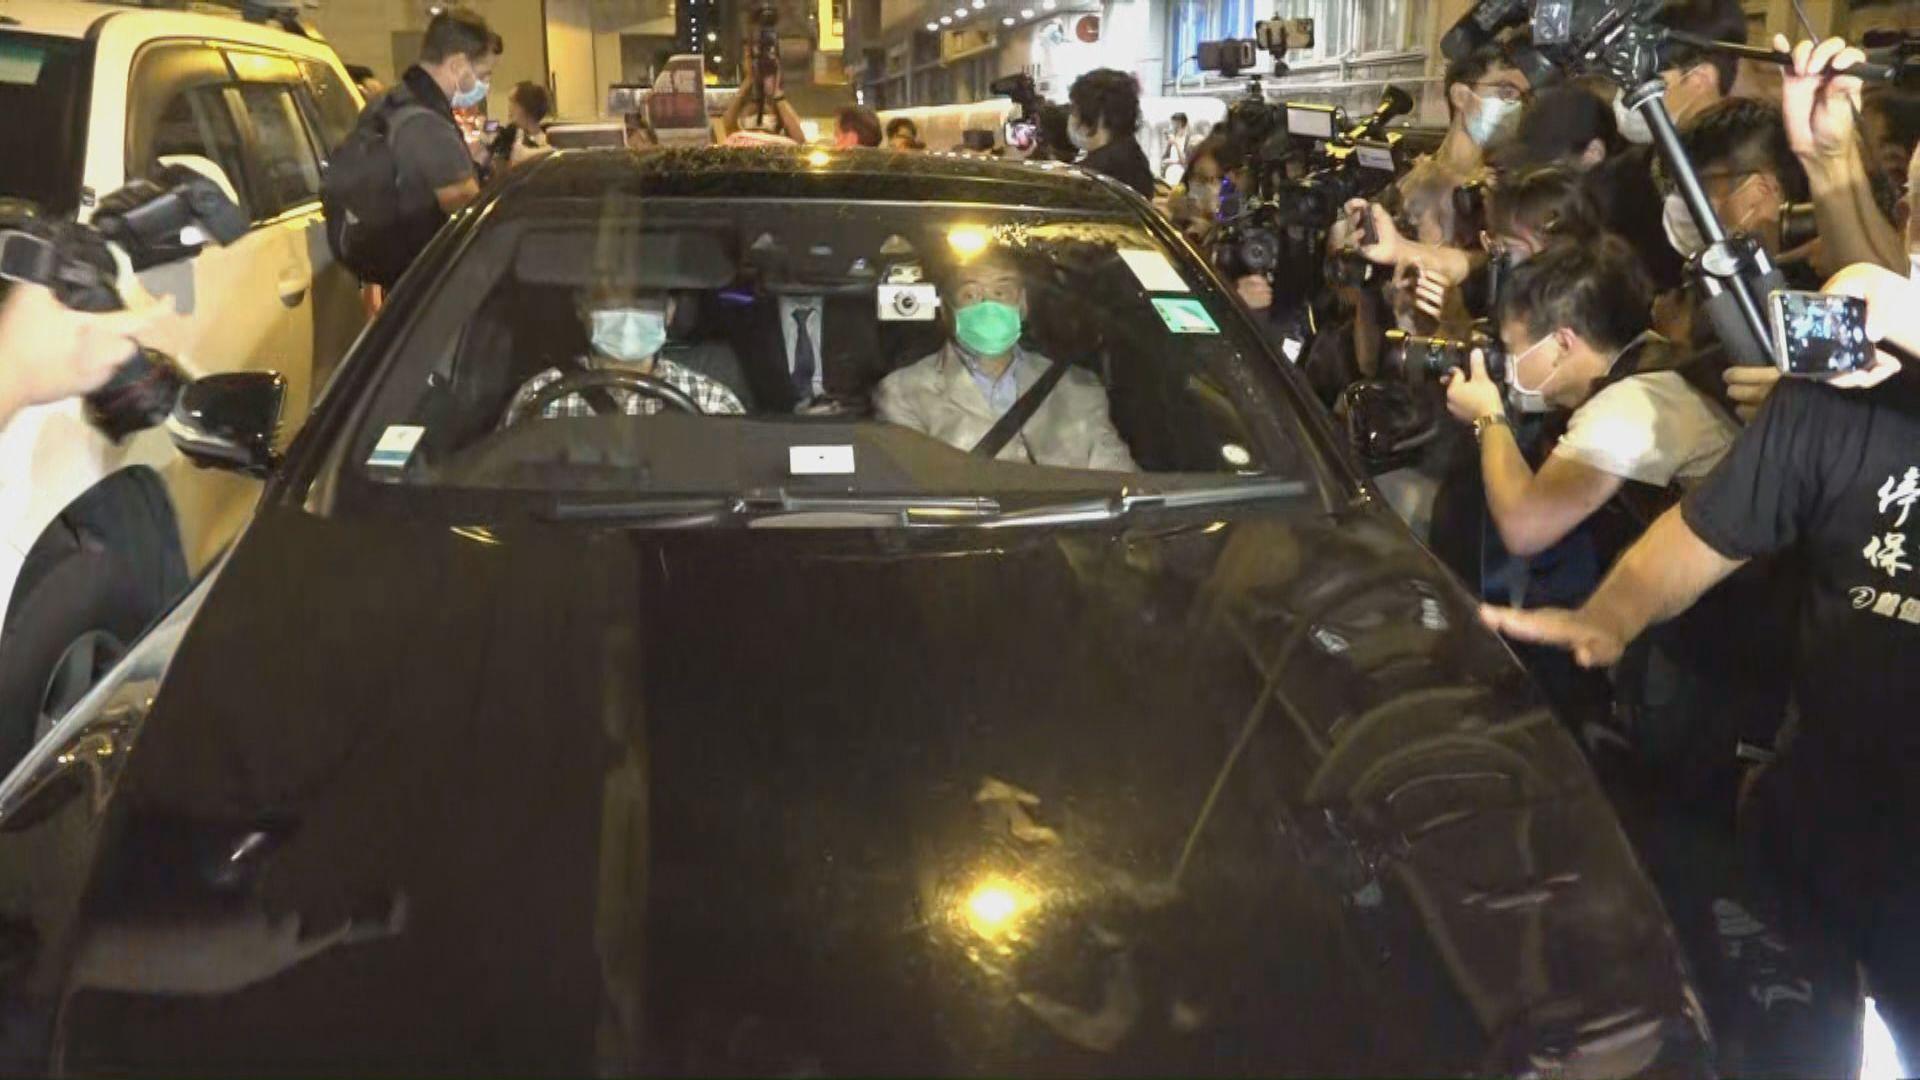 黎智英案多人保釋離開警署 有人舉蘋果日報聲援黎智英